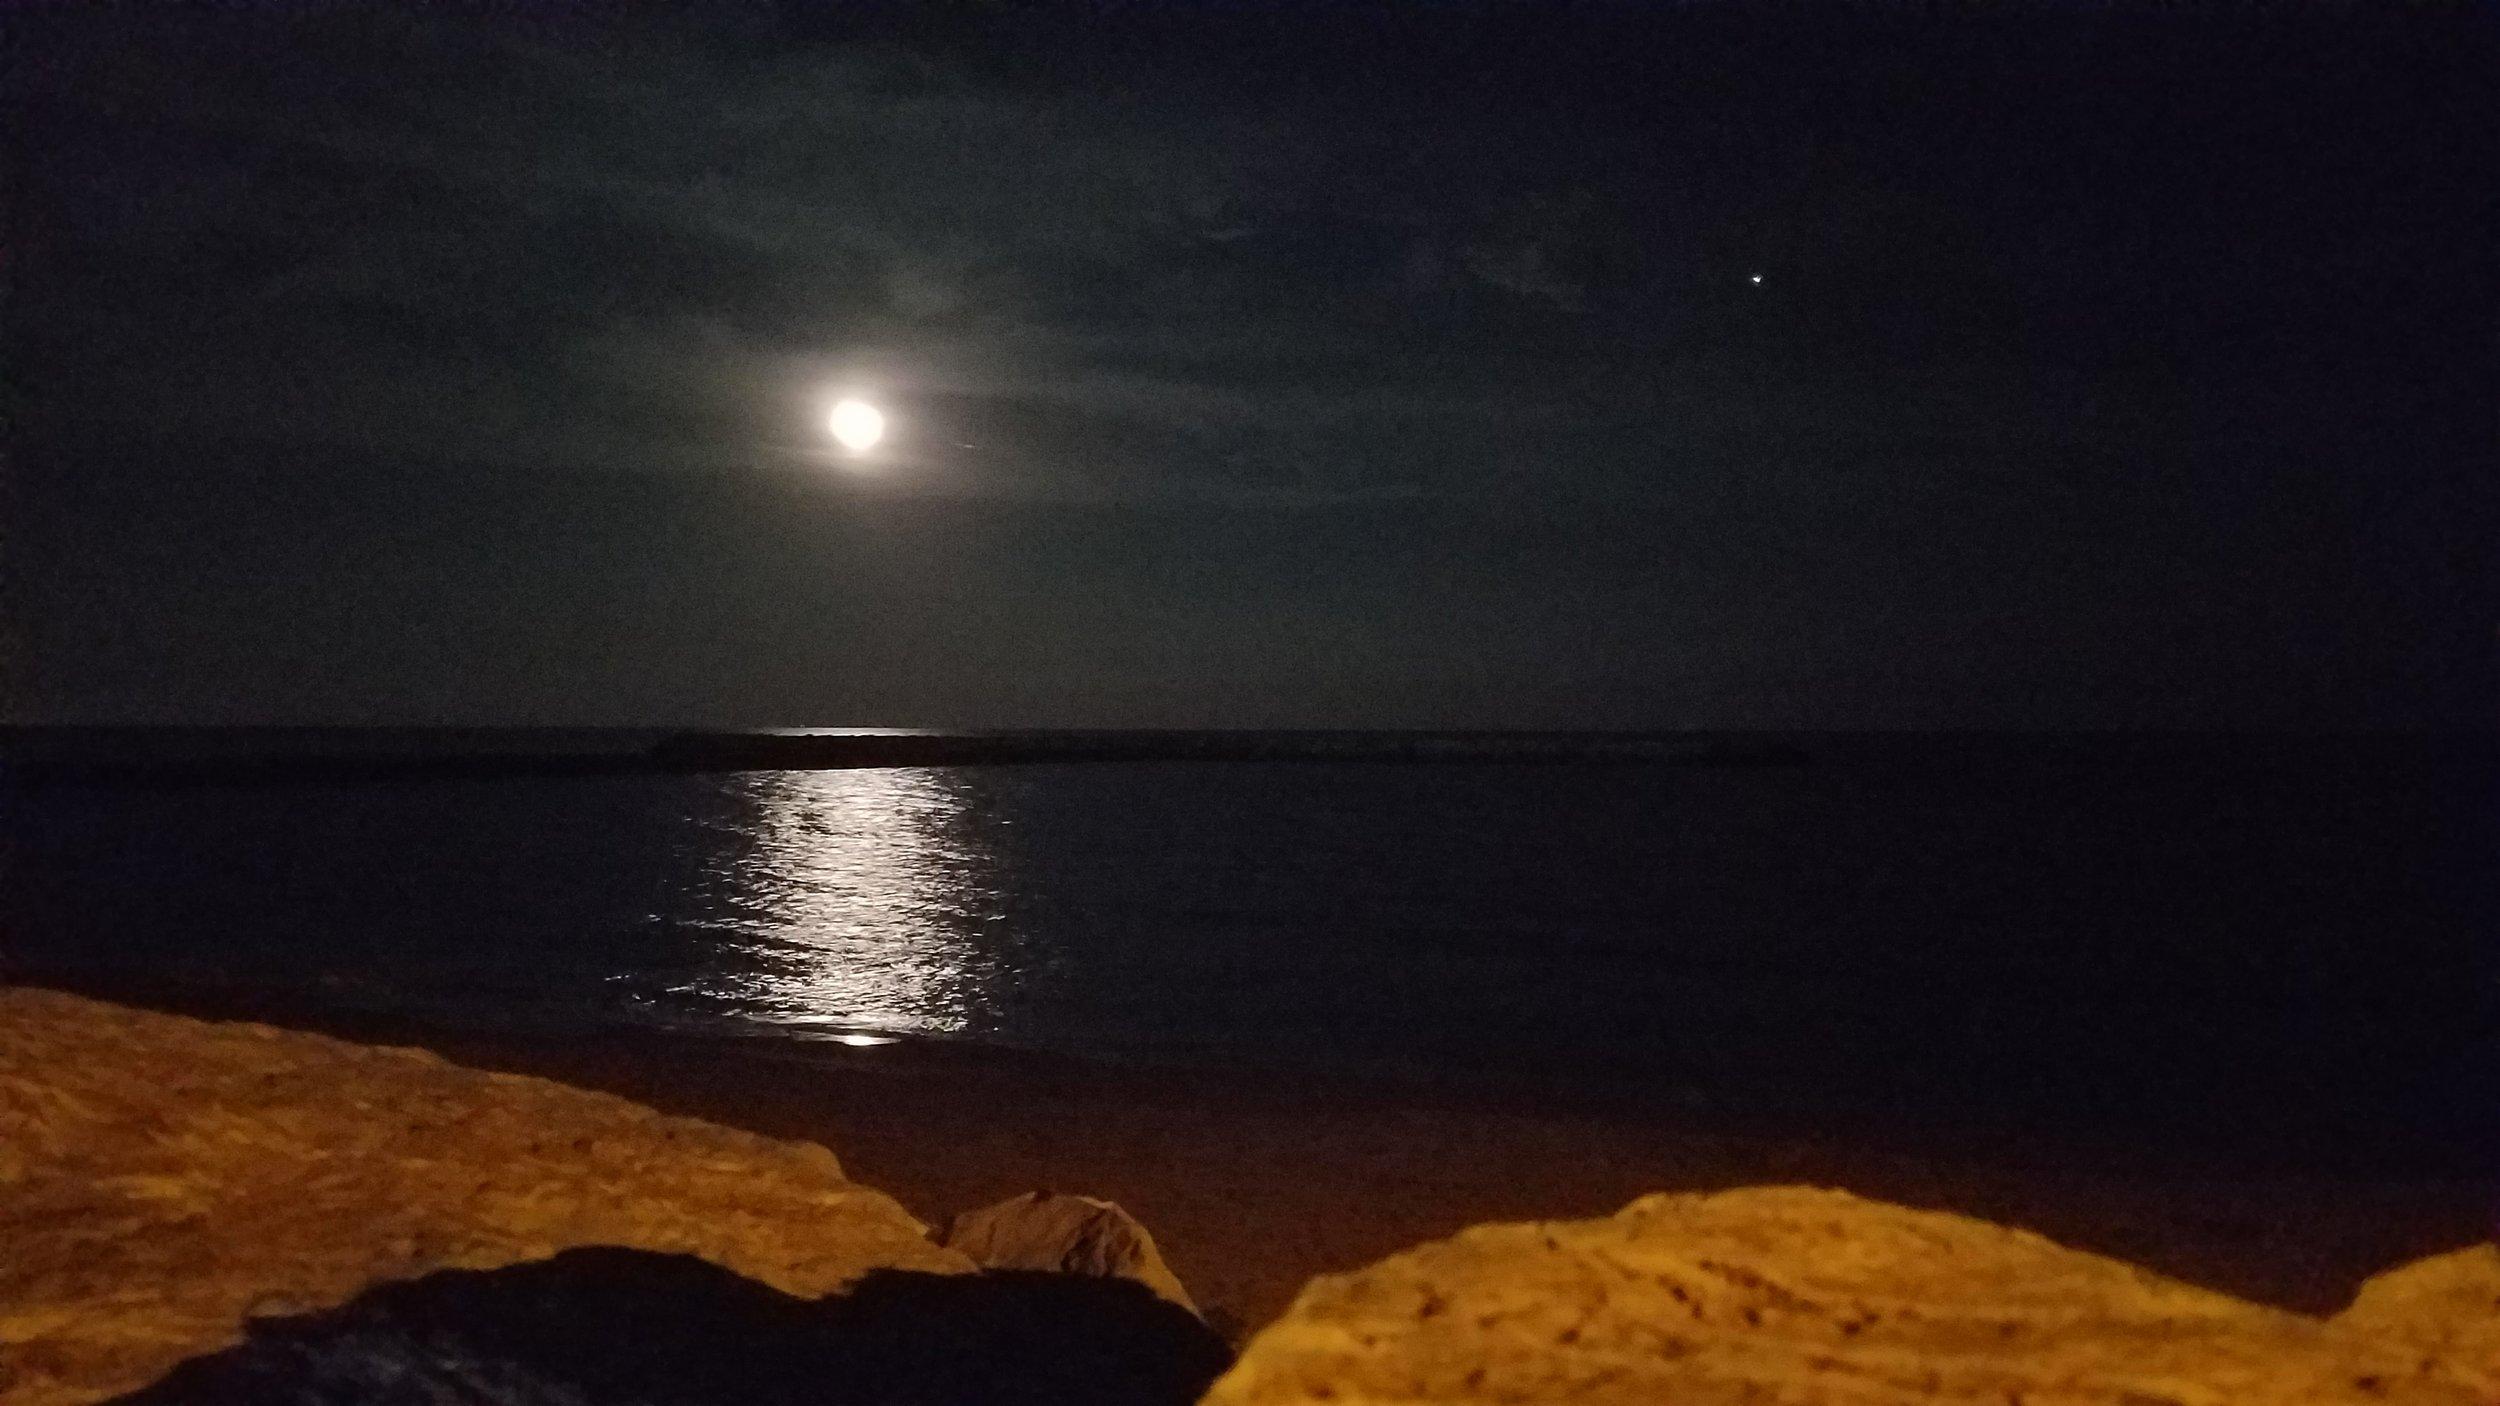 Moonlight, Saintes-Maries-de-la-Mer, France